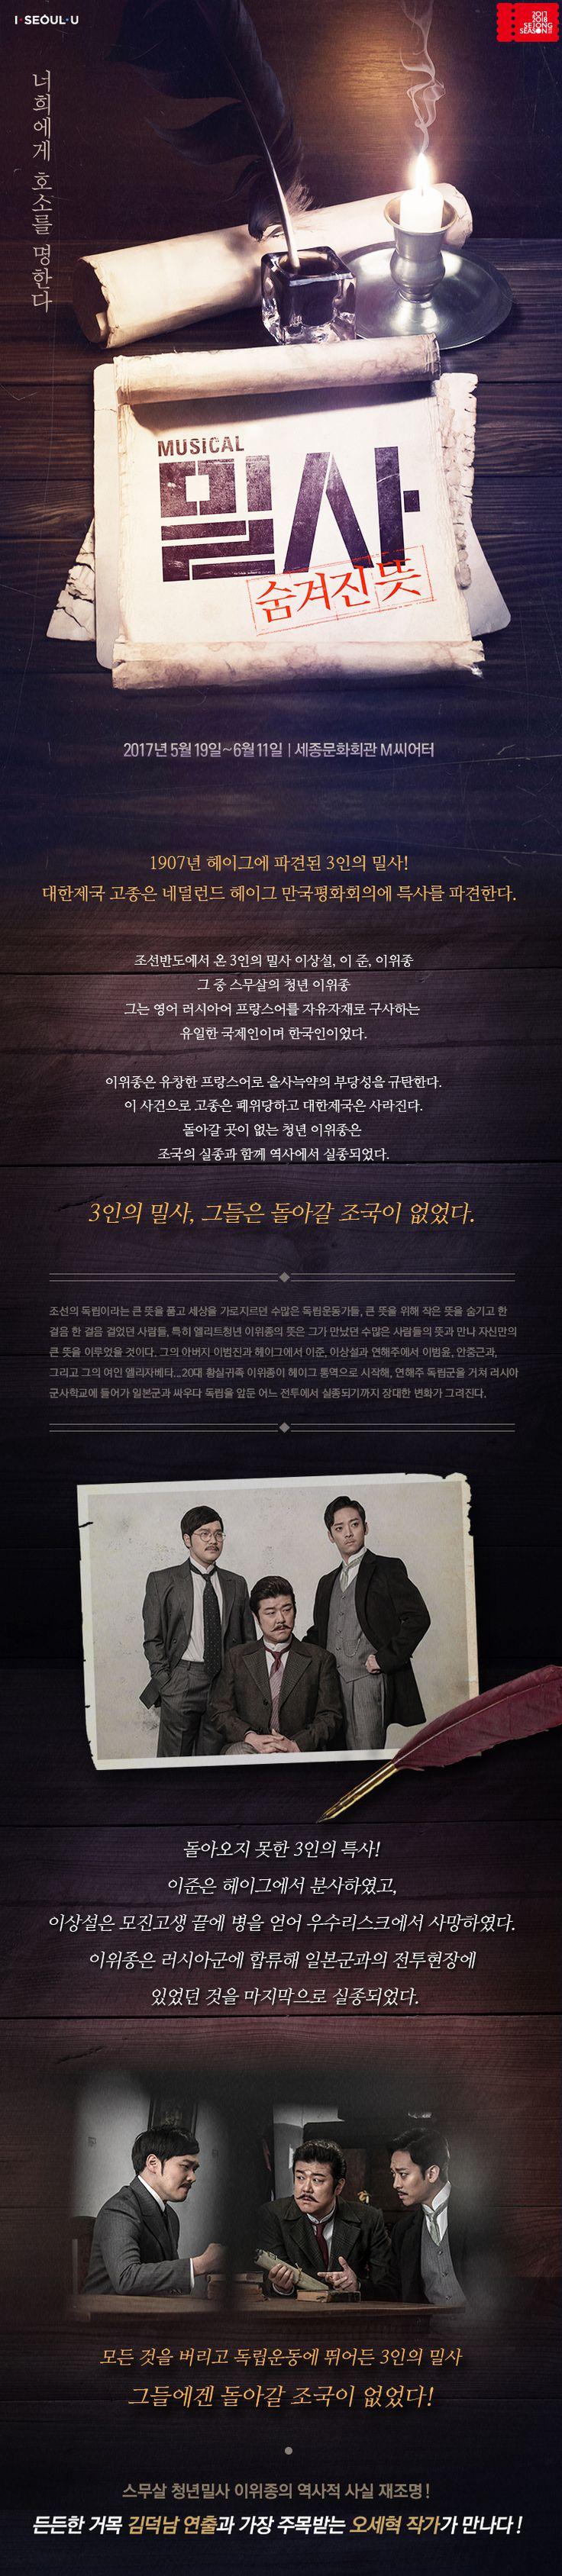 [초대이벤트] 뮤지컬 <밀사> 초대이벤트 - 5월 27일(토) 3시 세종문화회관 M씨어터